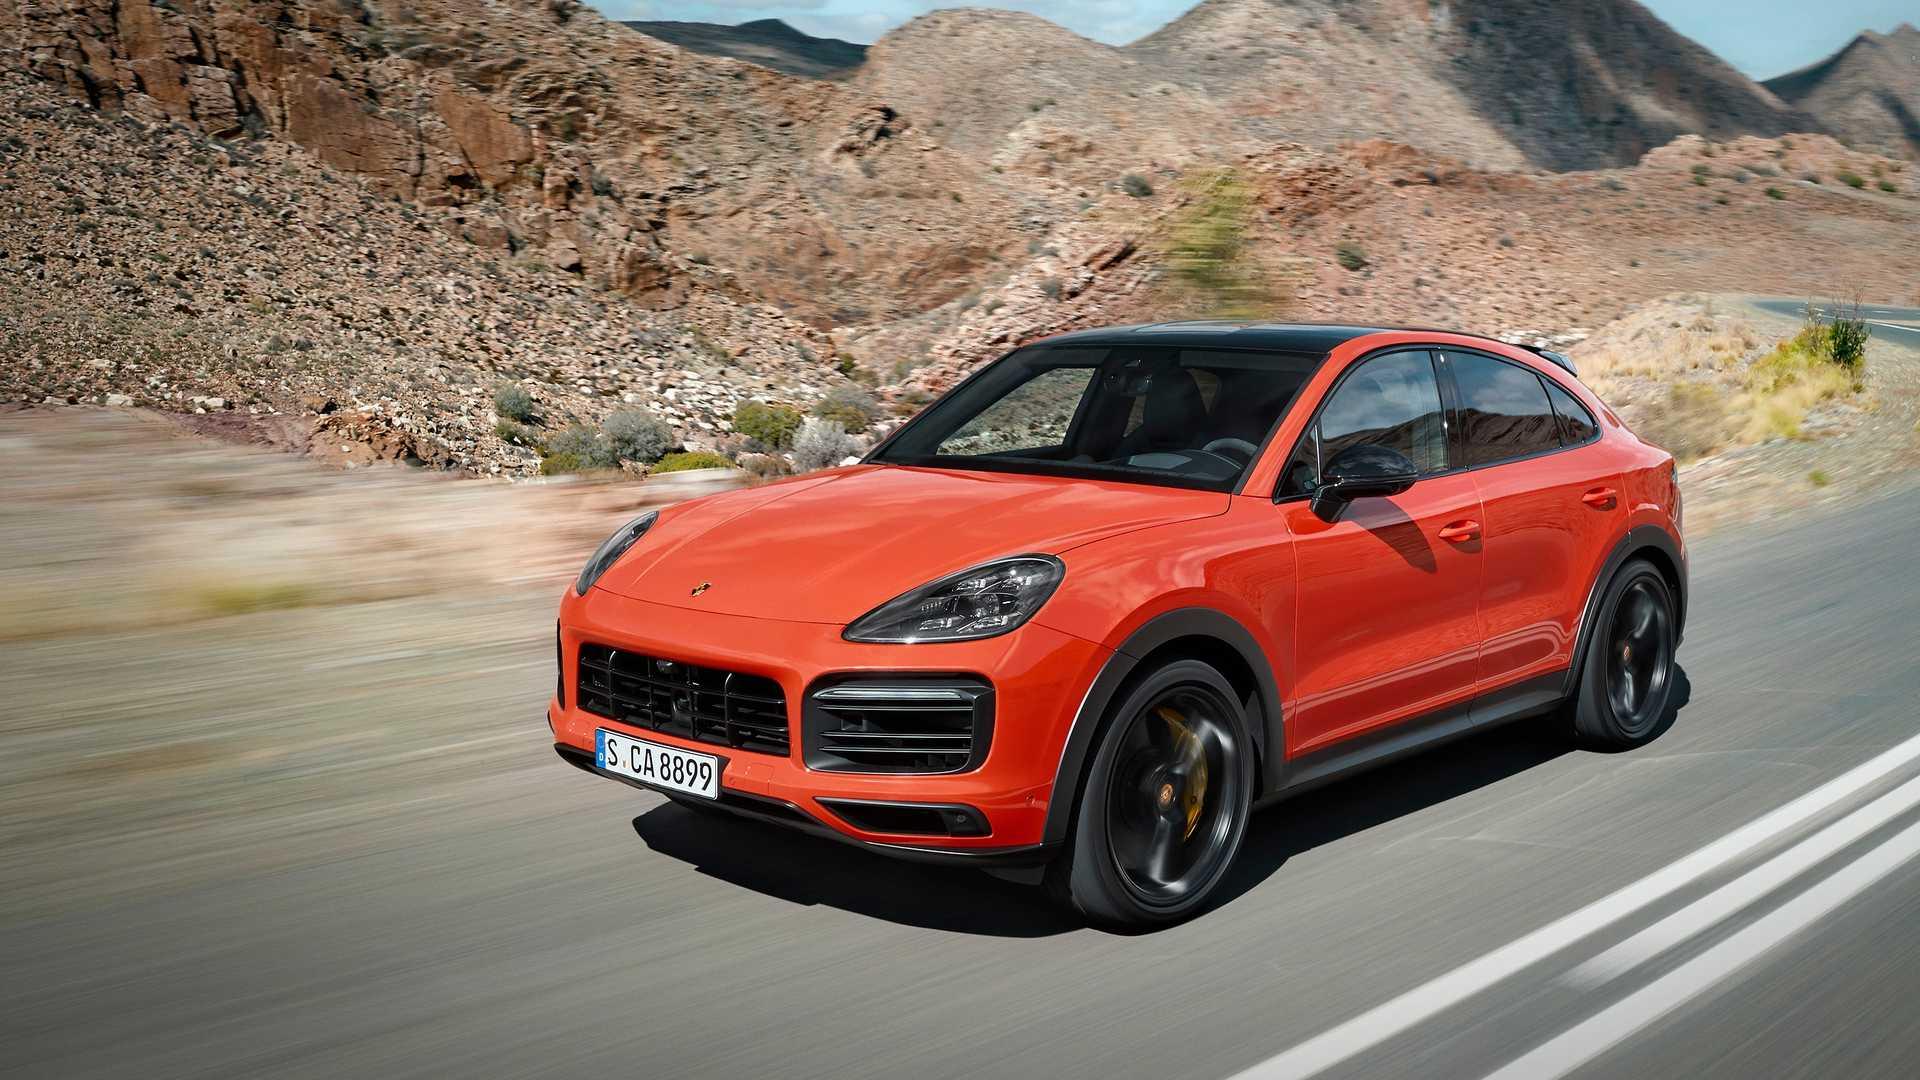 Porsche macan 2020 cena